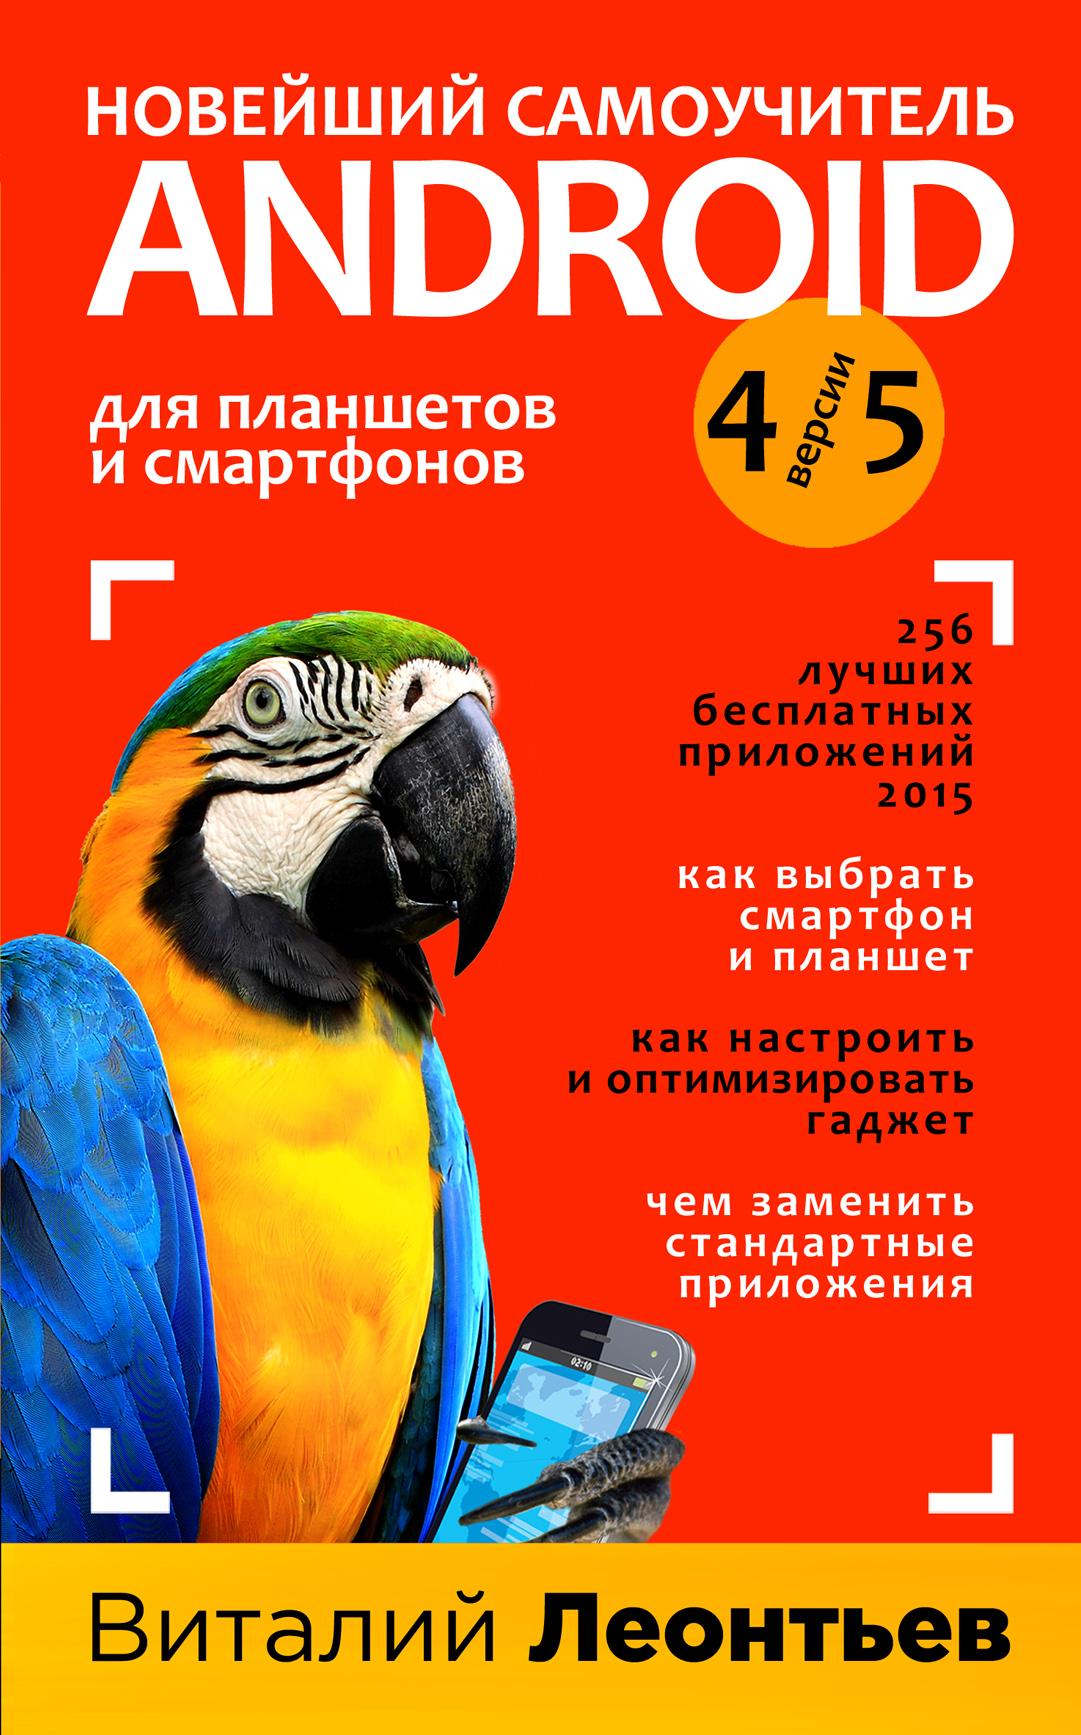 Леонтьев В.П. Новейший самоучитель Android 5 + 256 полезных приложений планшет и смартфон на базе android для ваших родителей